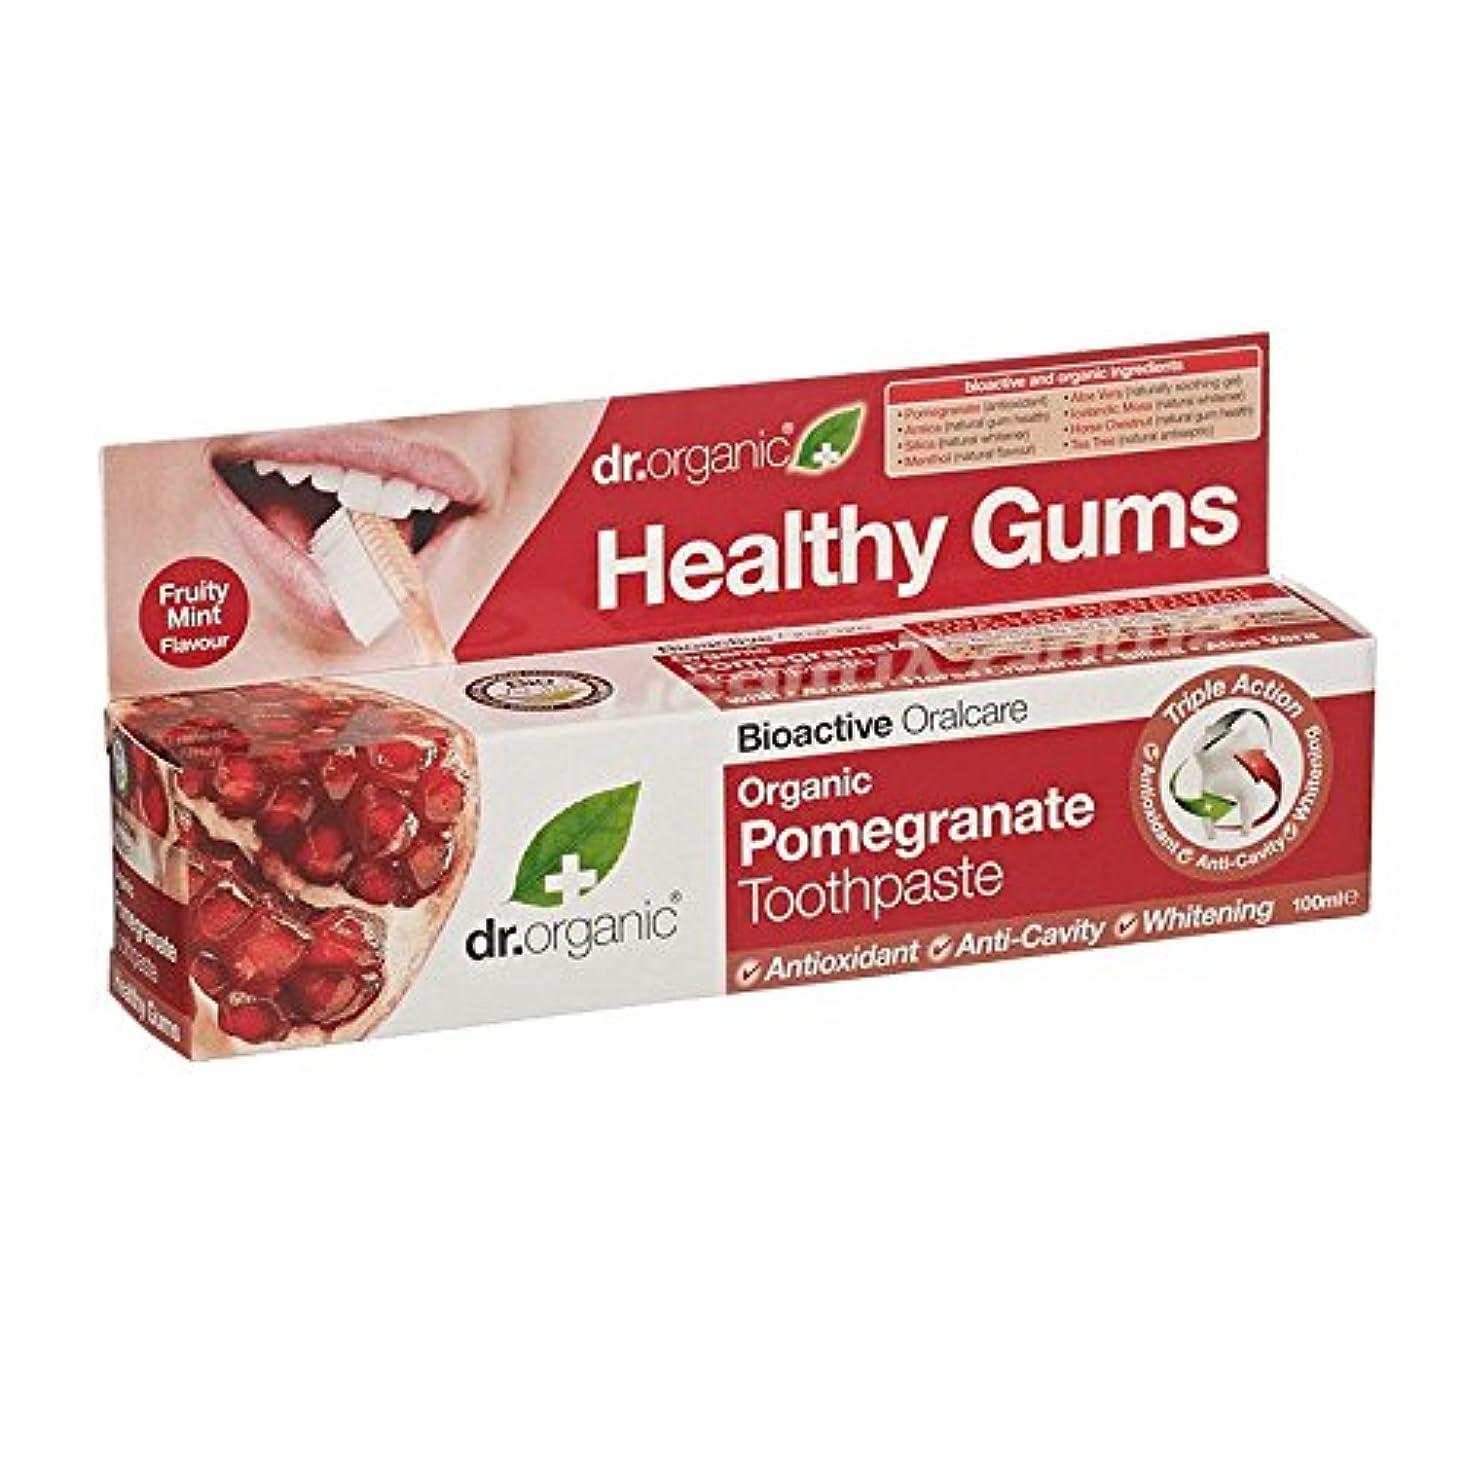 赤面バター一握りDr有機ザクロ歯磨き粉 - Dr Organic Pomegranate Toothpaste (Dr Organic) [並行輸入品]